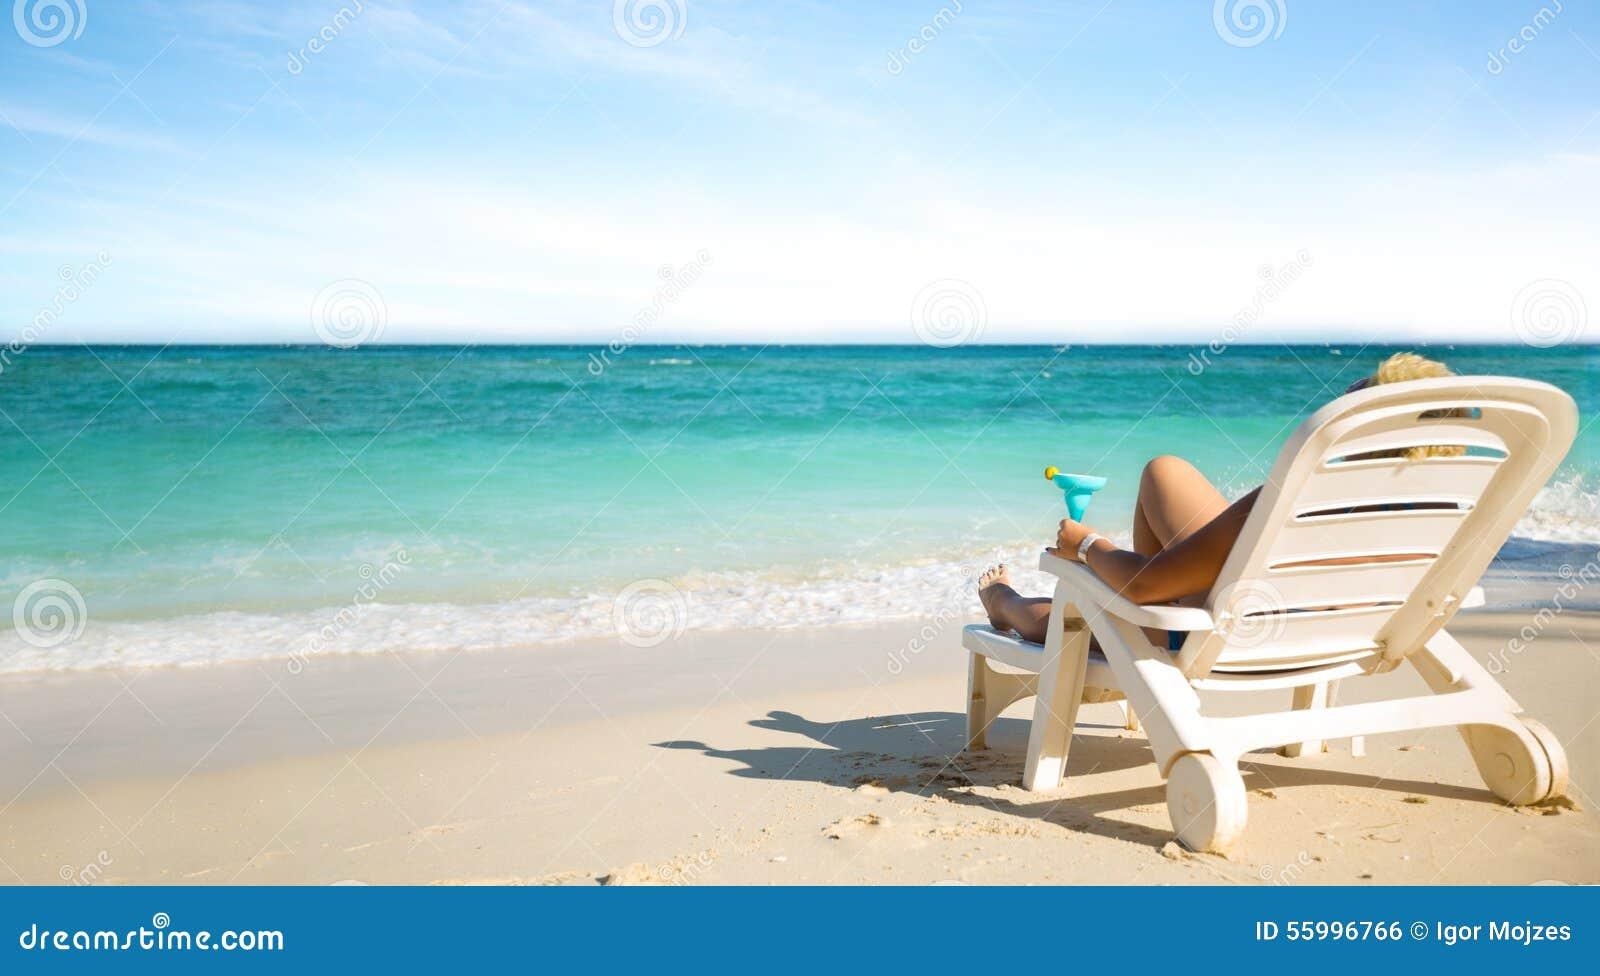 Luxe het vrouwelijke zonnebaden op het strand